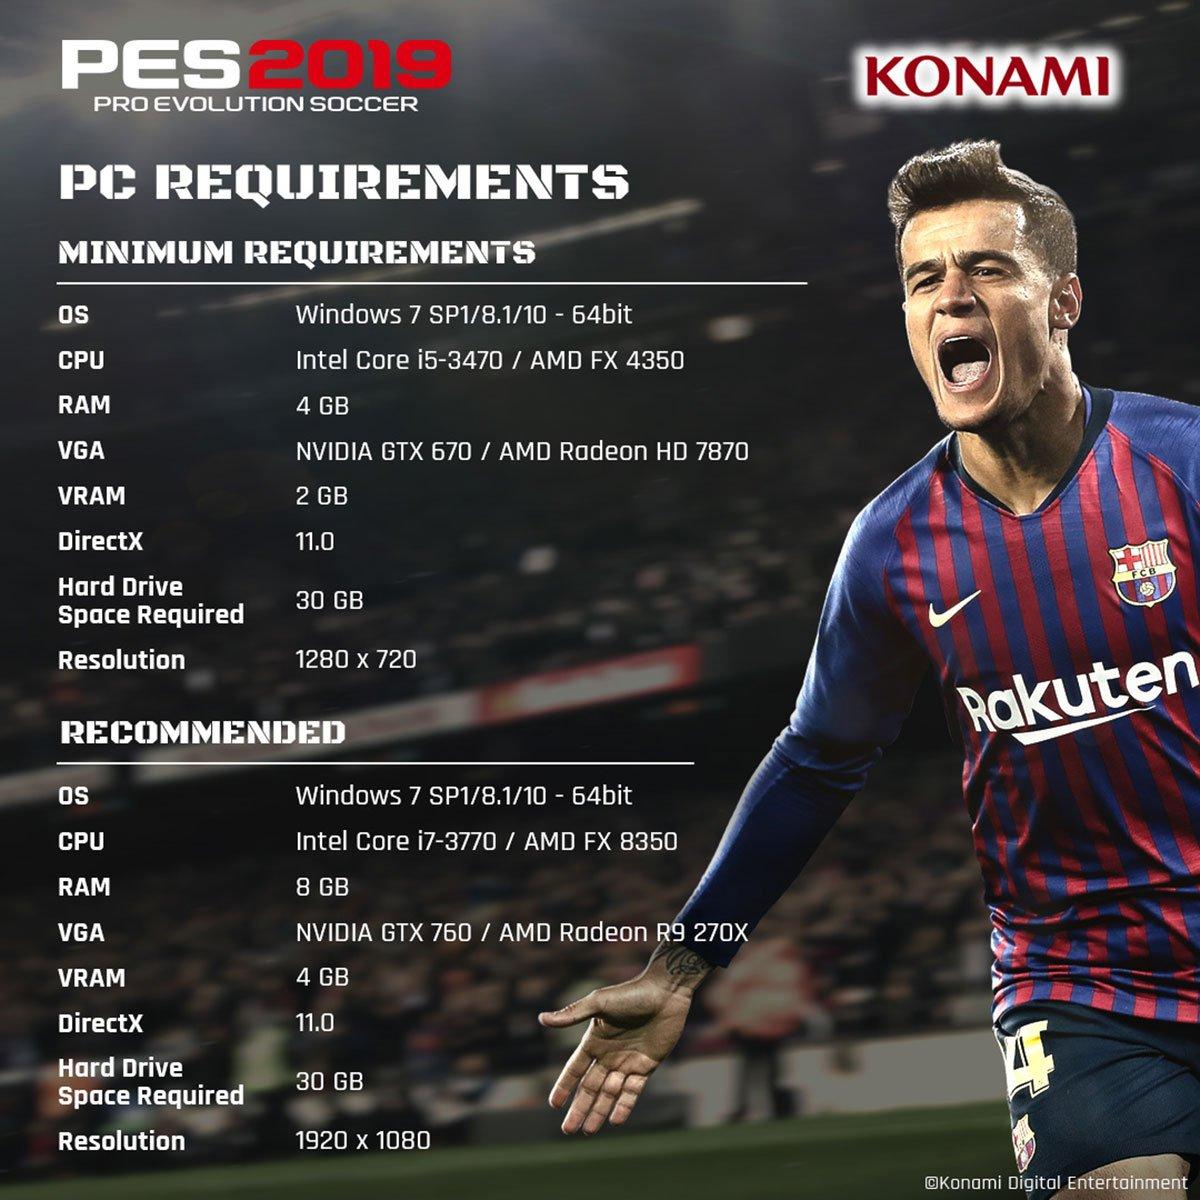 实况足球2019_《实况足球2019》支持在线快速比赛 pc配置最高仅需gtx 760